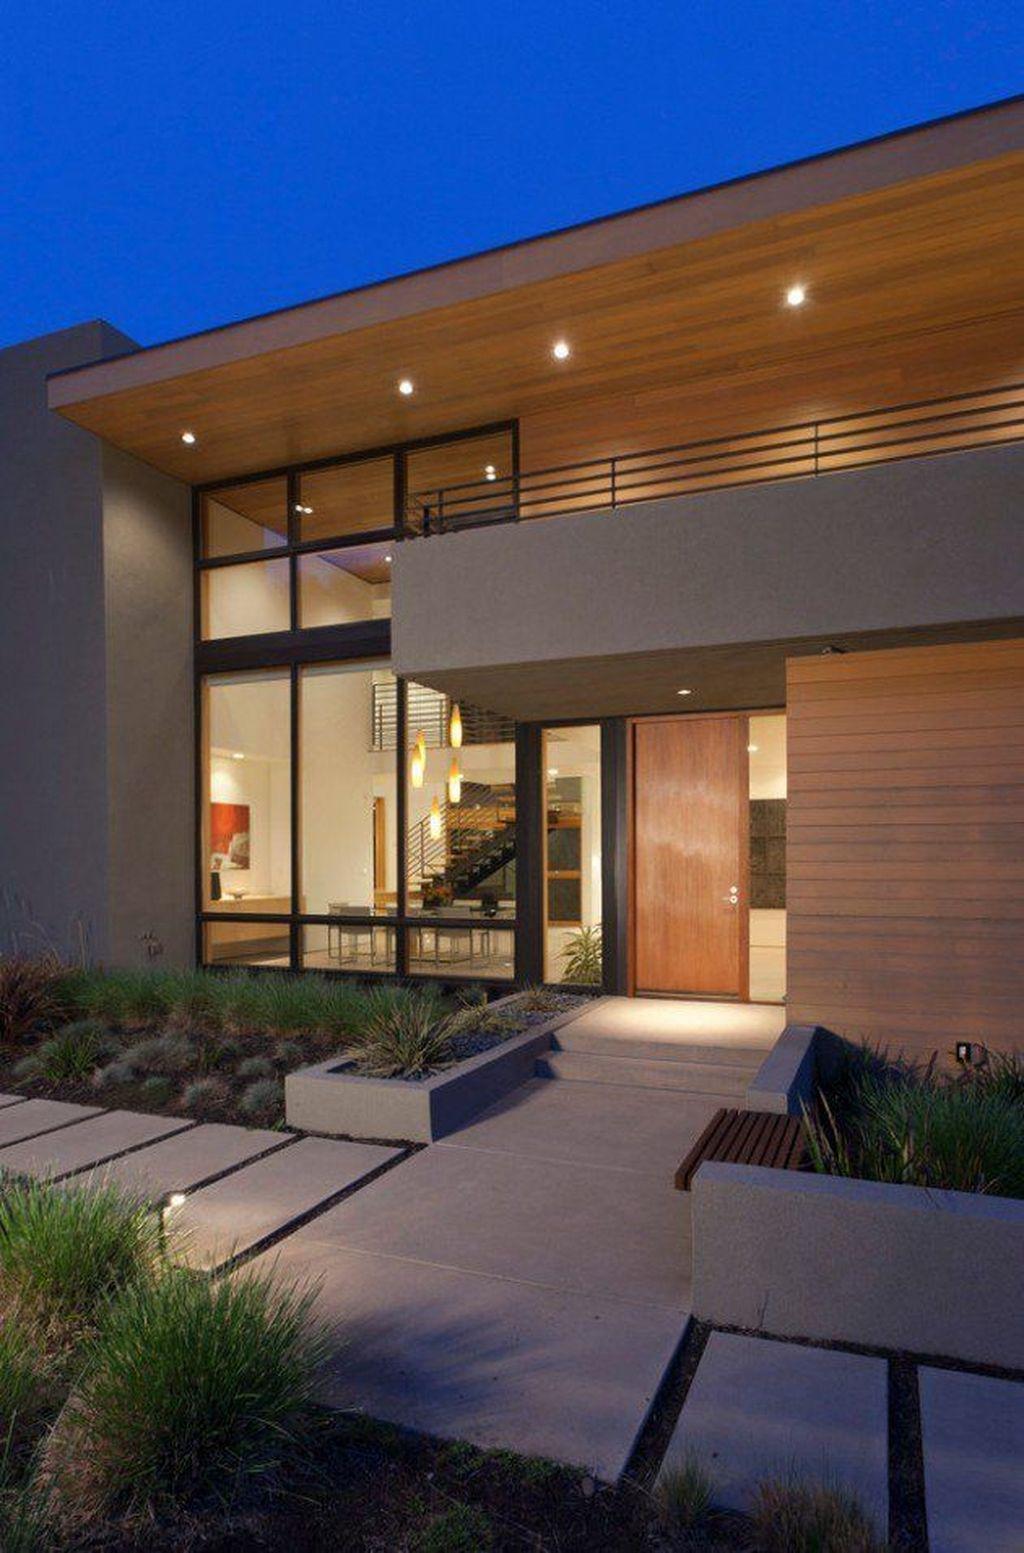 44 Awesome Contemporary Designs Ideas For Home Exterior